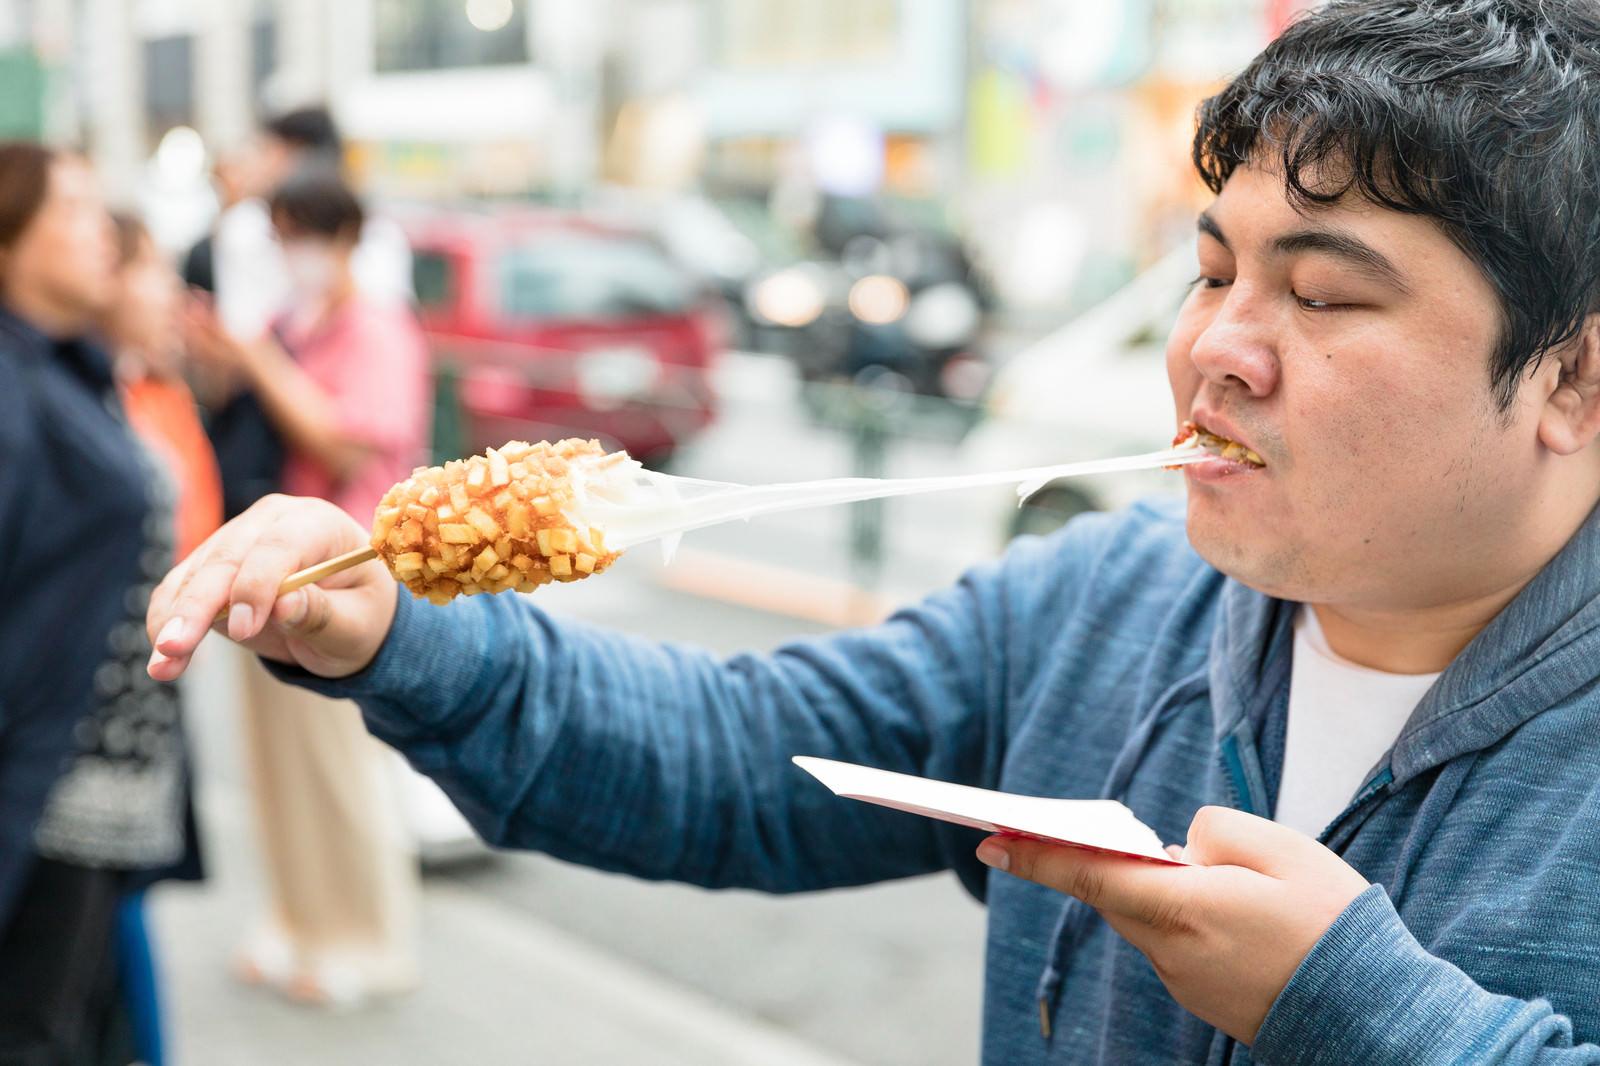 「伸びるチーズを楽しむチーズドッグ」の写真[モデル:段田隼人]